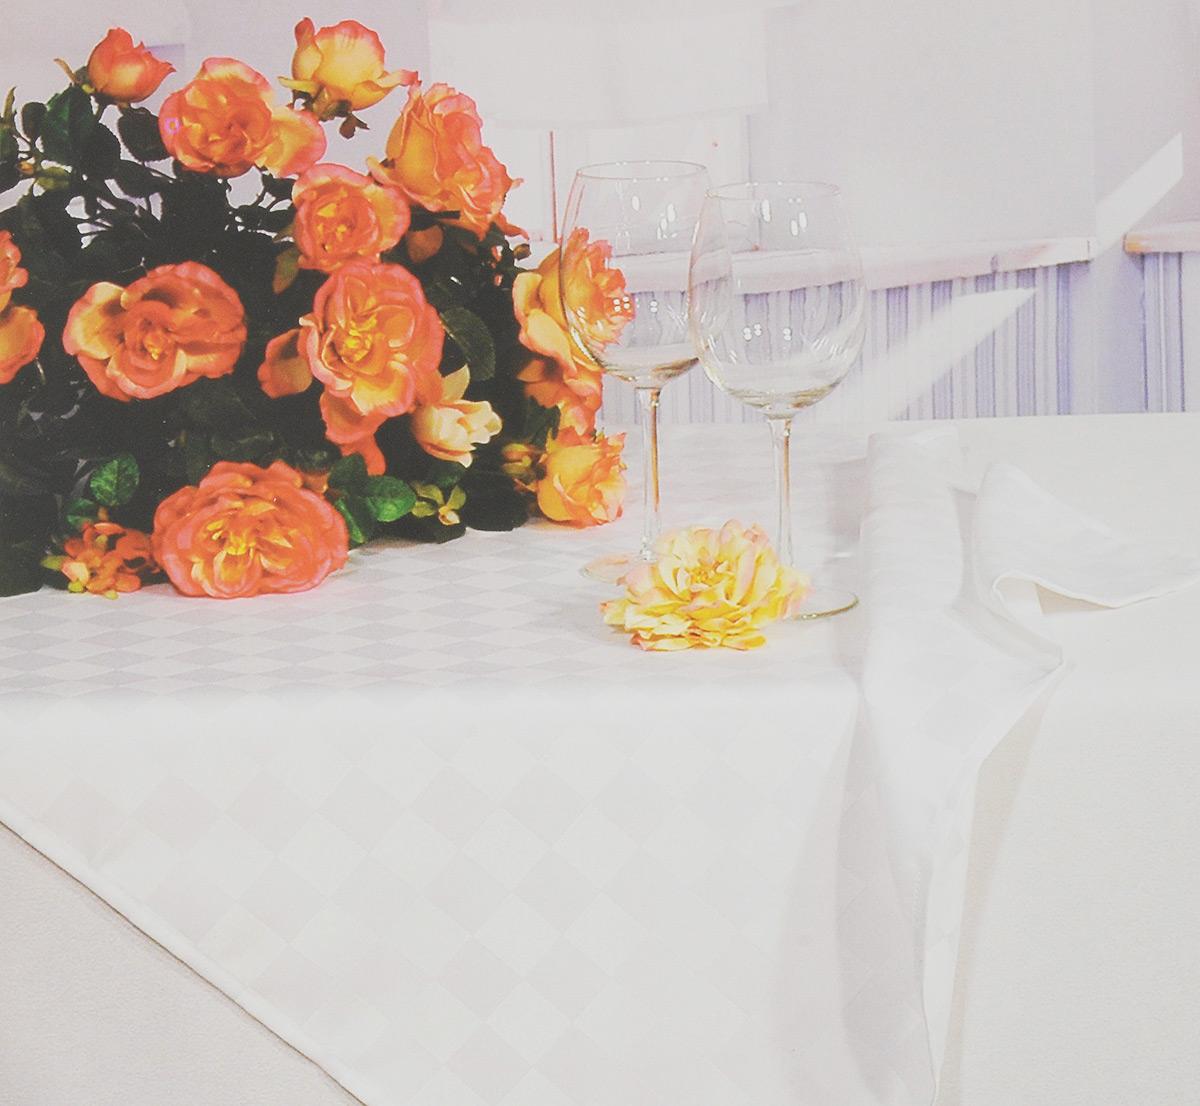 Скатерть Schaefer, прямоугольная, цвет: белый, 130 x 160 см. 4169/FB.014169/FB.01 Скатерть, 130*160 смПрямоугольная скатерть Schaefer, выполненная из полиэстера с оригинальным рисунком, станет изысканным украшением кухонного стола. За текстилем из полиэстера очень легко ухаживать: он не мнется, не садится и быстро сохнет, легко стирается, более долговечен, чем текстиль из натуральных волокон. Использование такой скатерти сделает застолье торжественным, поднимет настроение гостей и приятно удивит их вашим изысканным вкусом. Также вы можете использовать эту скатерть для повседневной трапезы, превратив каждый прием пищи в волшебный праздник и веселье. Это текстильное изделие станет изысканным украшением вашего дома!